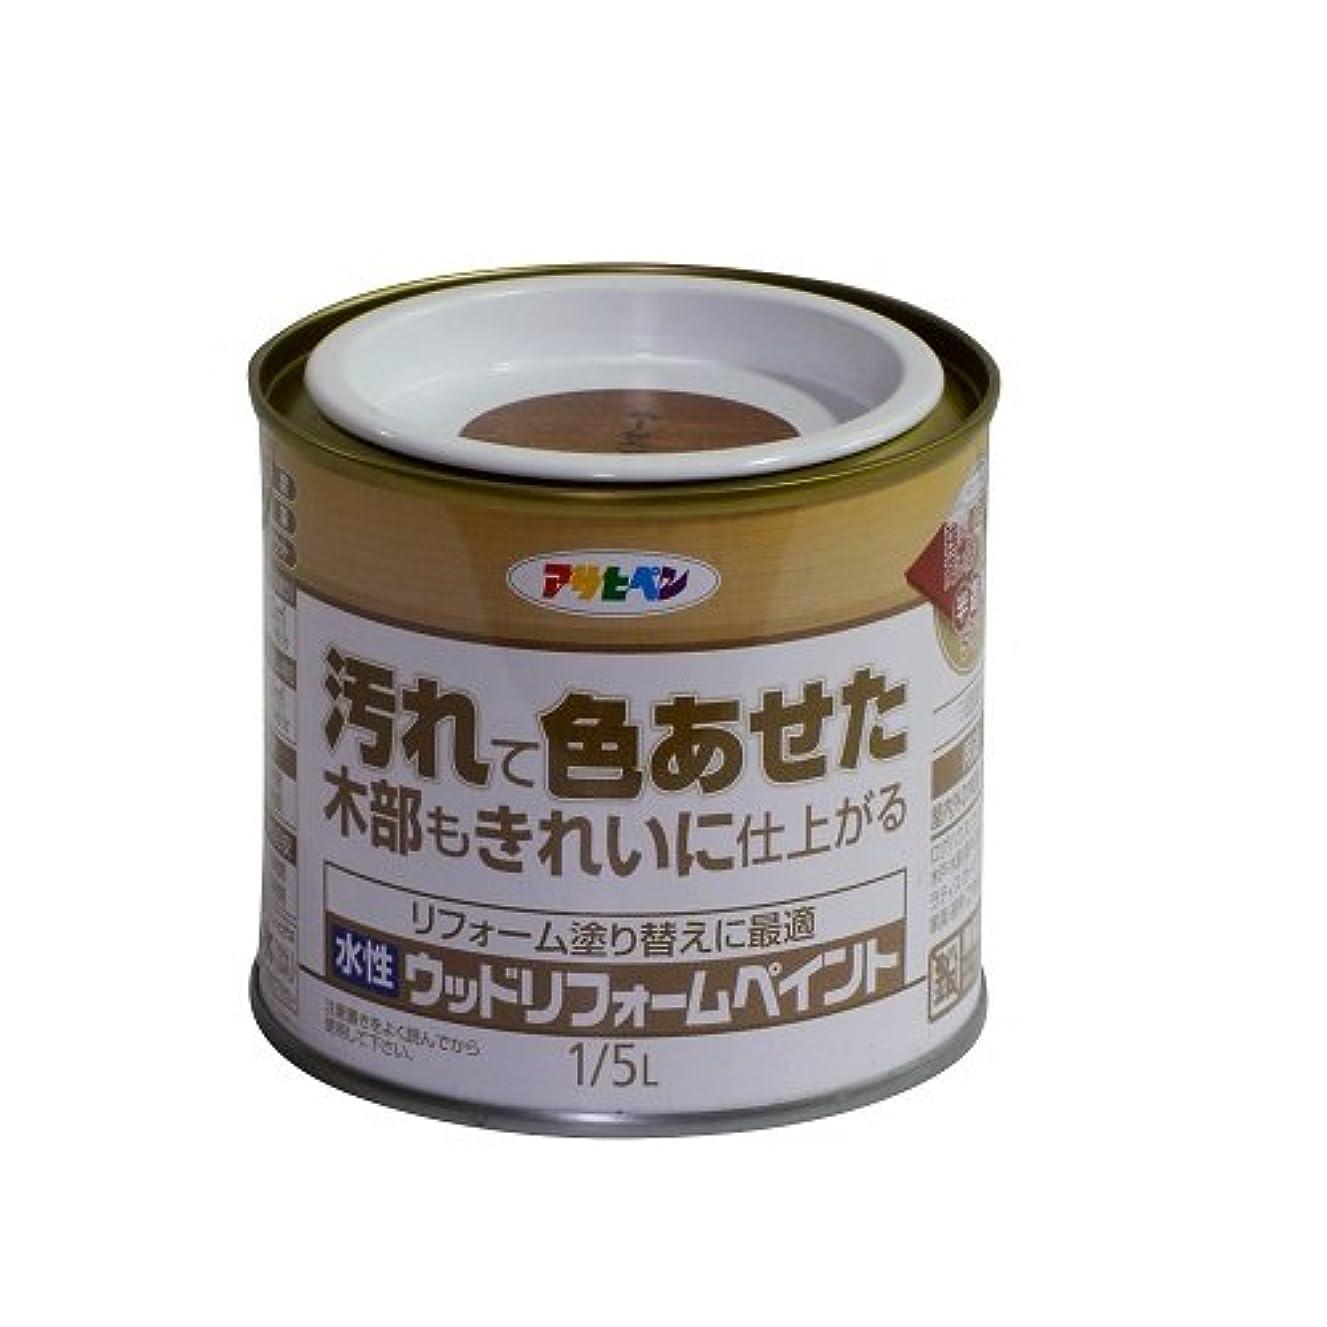 ホイストスリップシューズ暫定のアサヒペン 水性ウッドリフォームペイント ライトオーク 1/5L